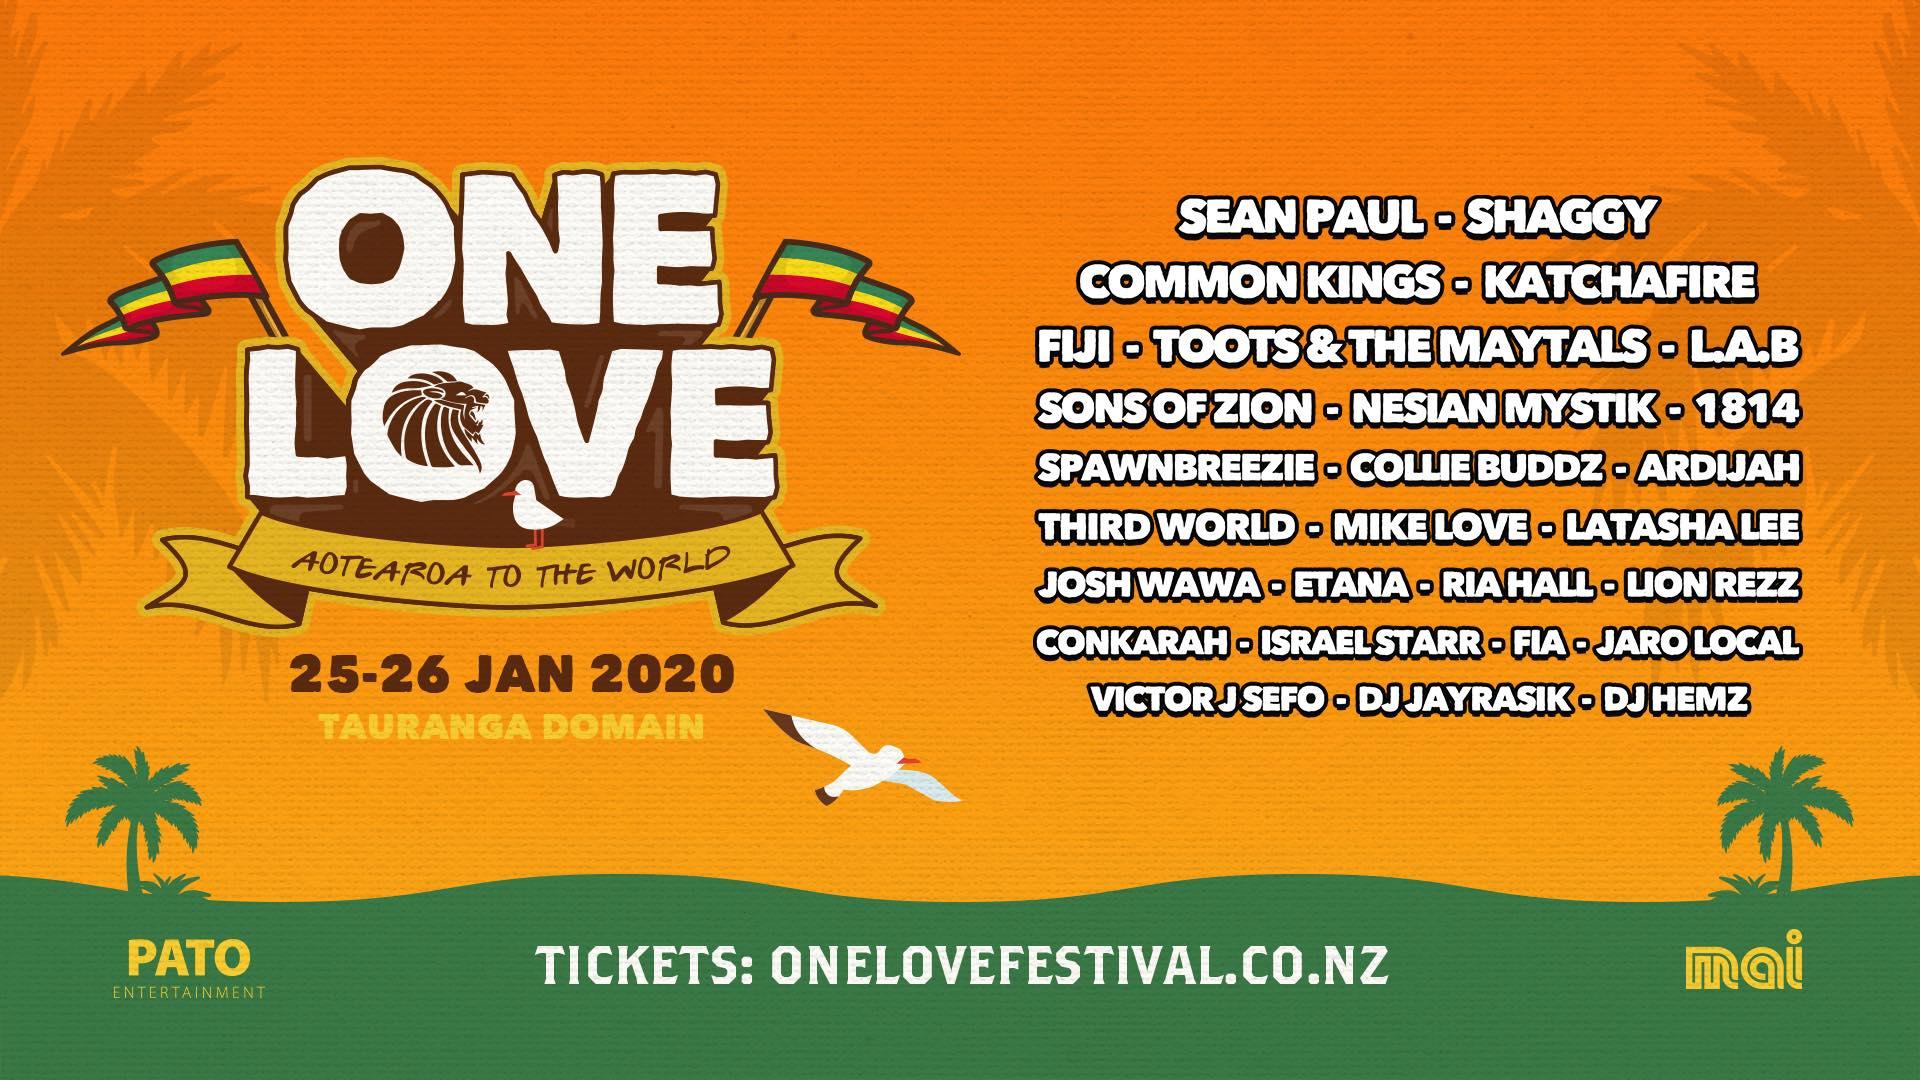 One-Love-2020.jpg